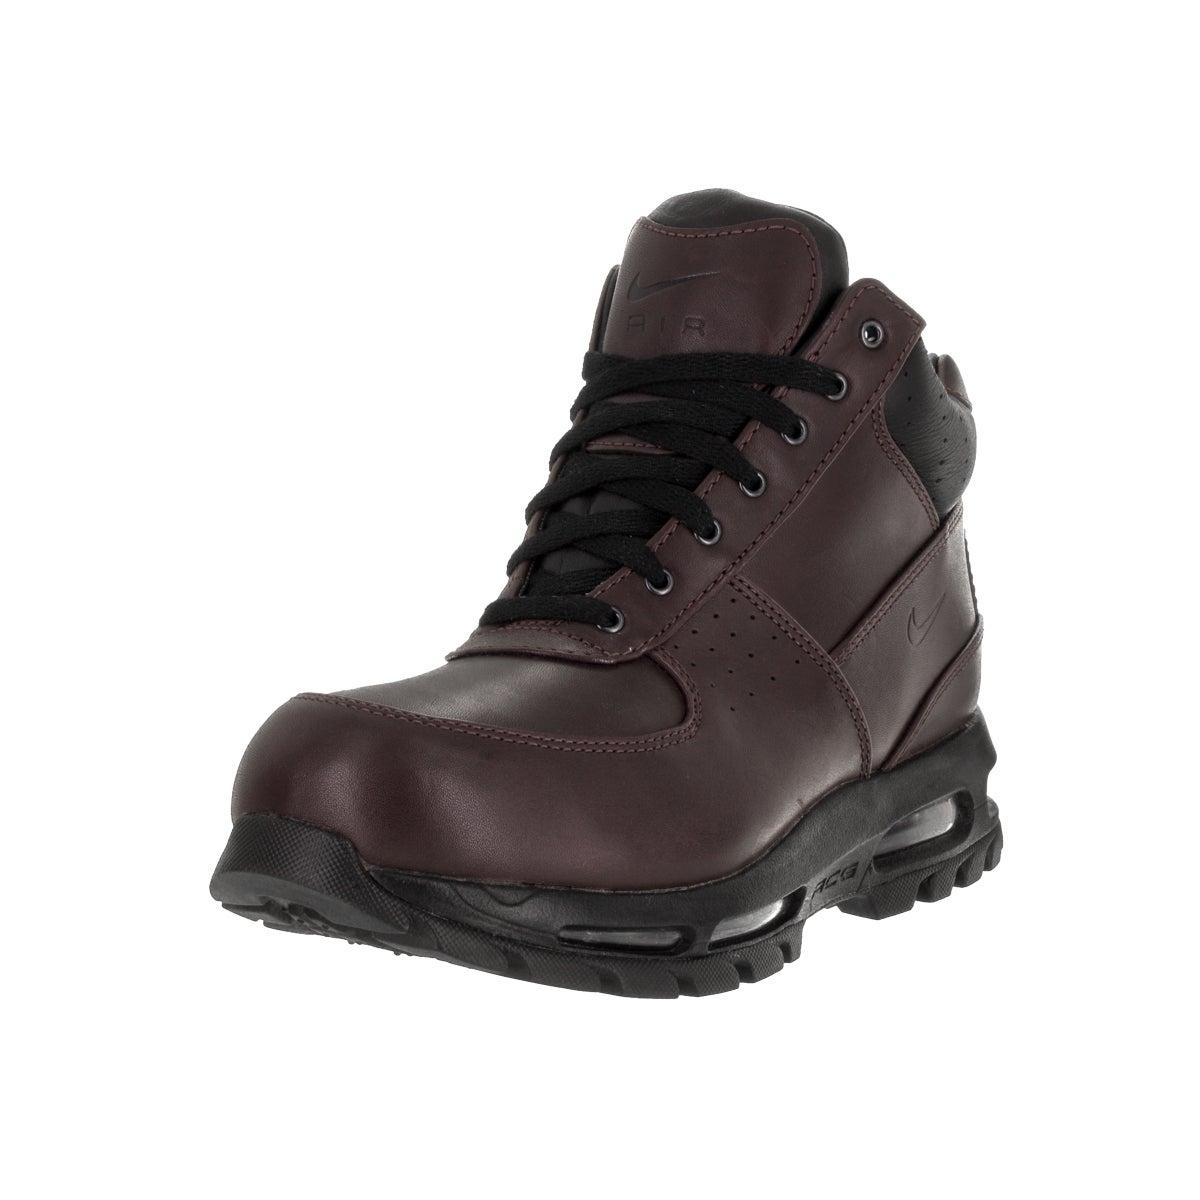 Nike Men's Air Max Goadome Deep Burgundy/Black Boot (8.5)...